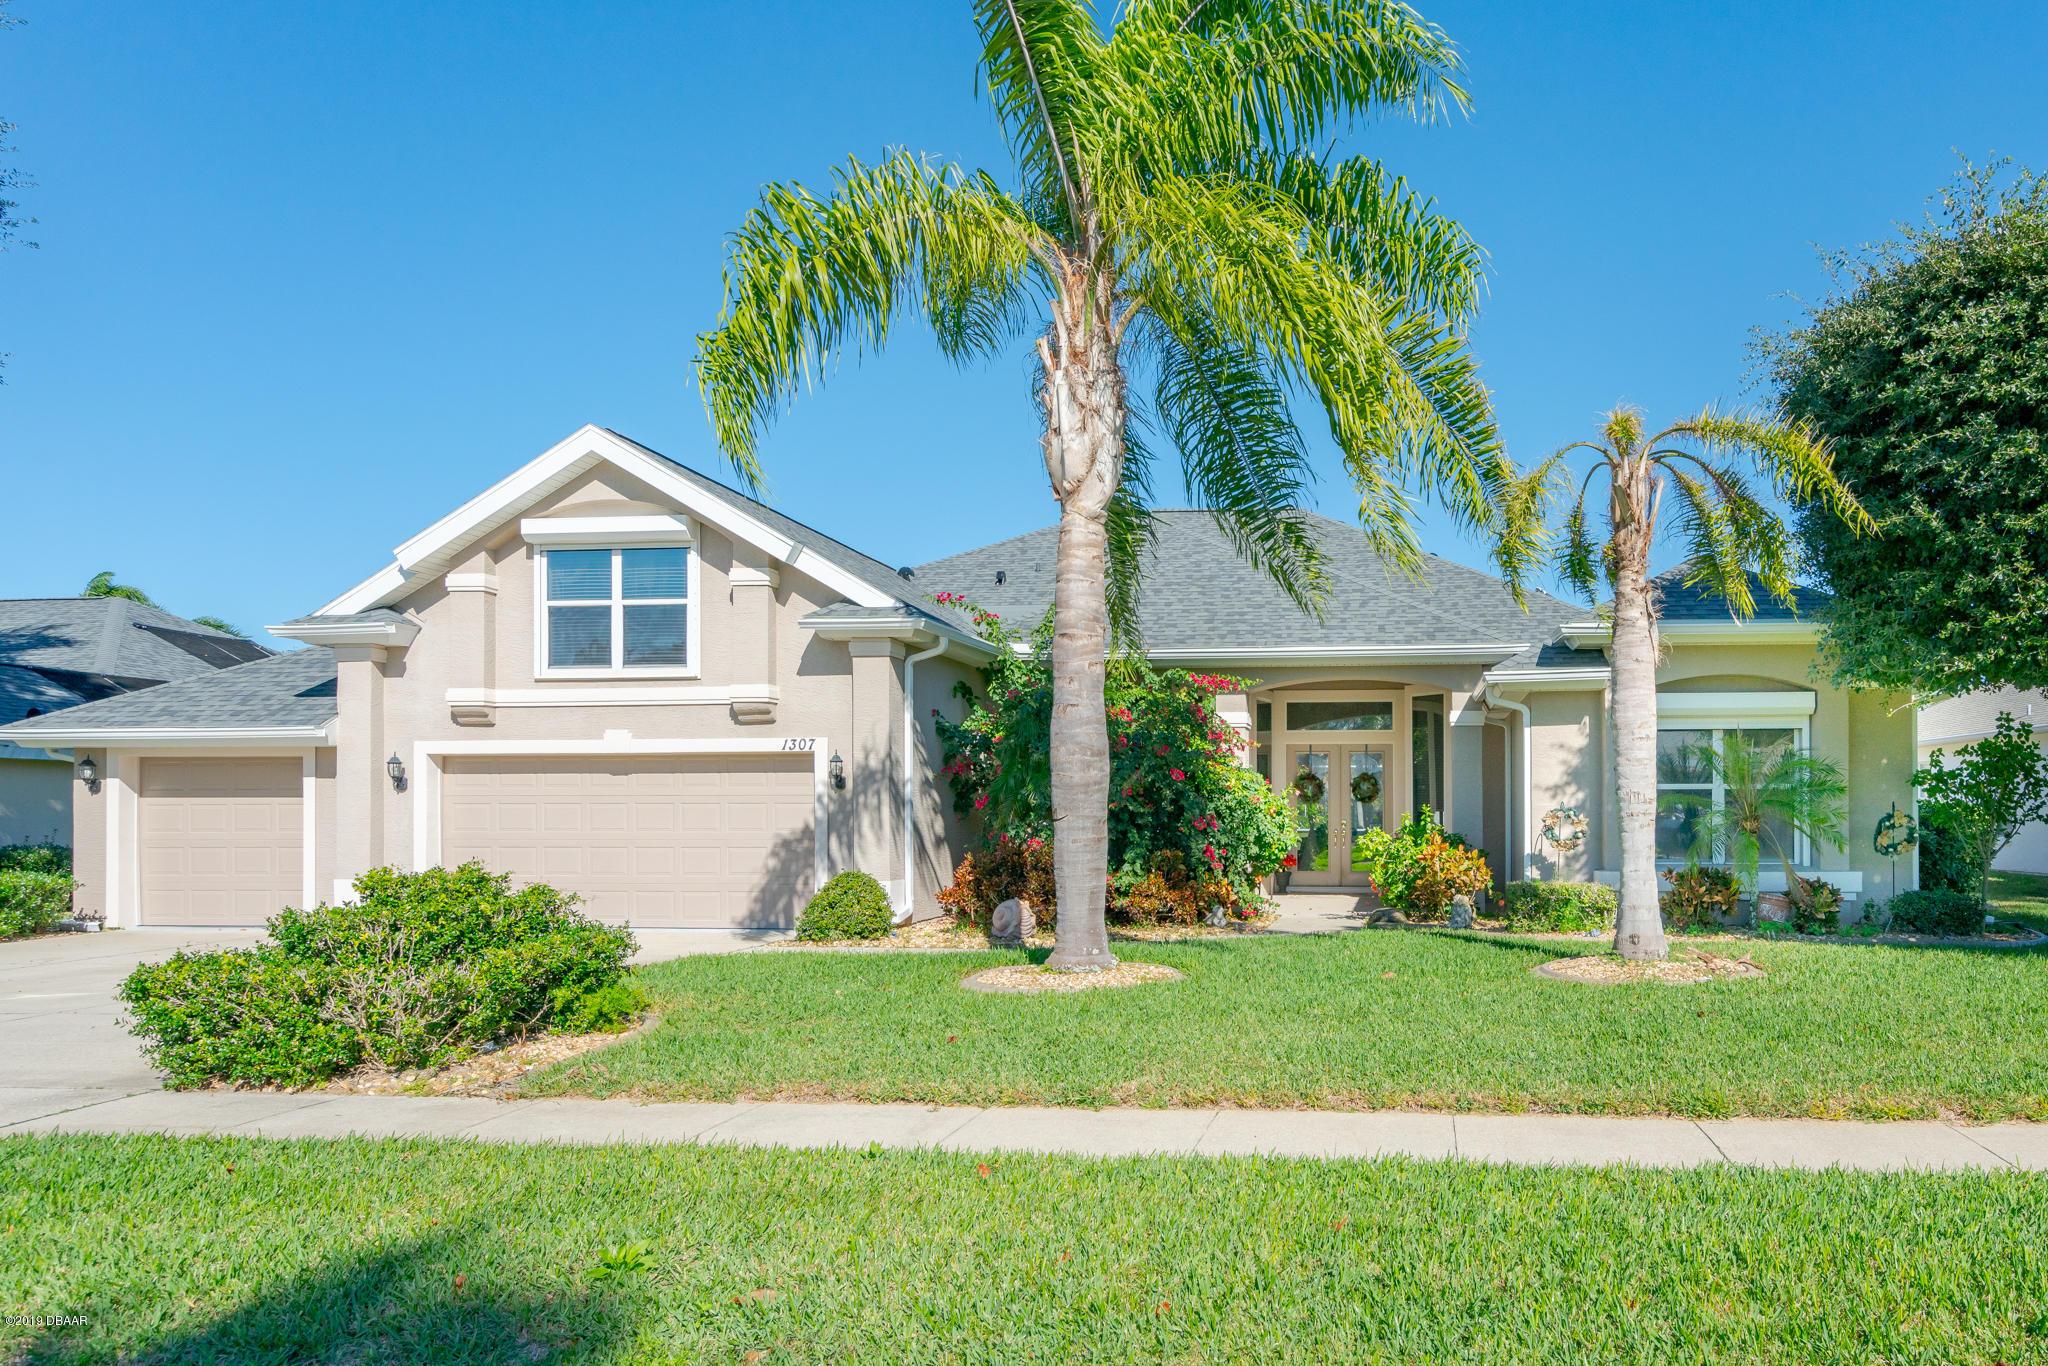 Photo of 1307 Crepe Myrtle Lane, Port Orange, FL 32128